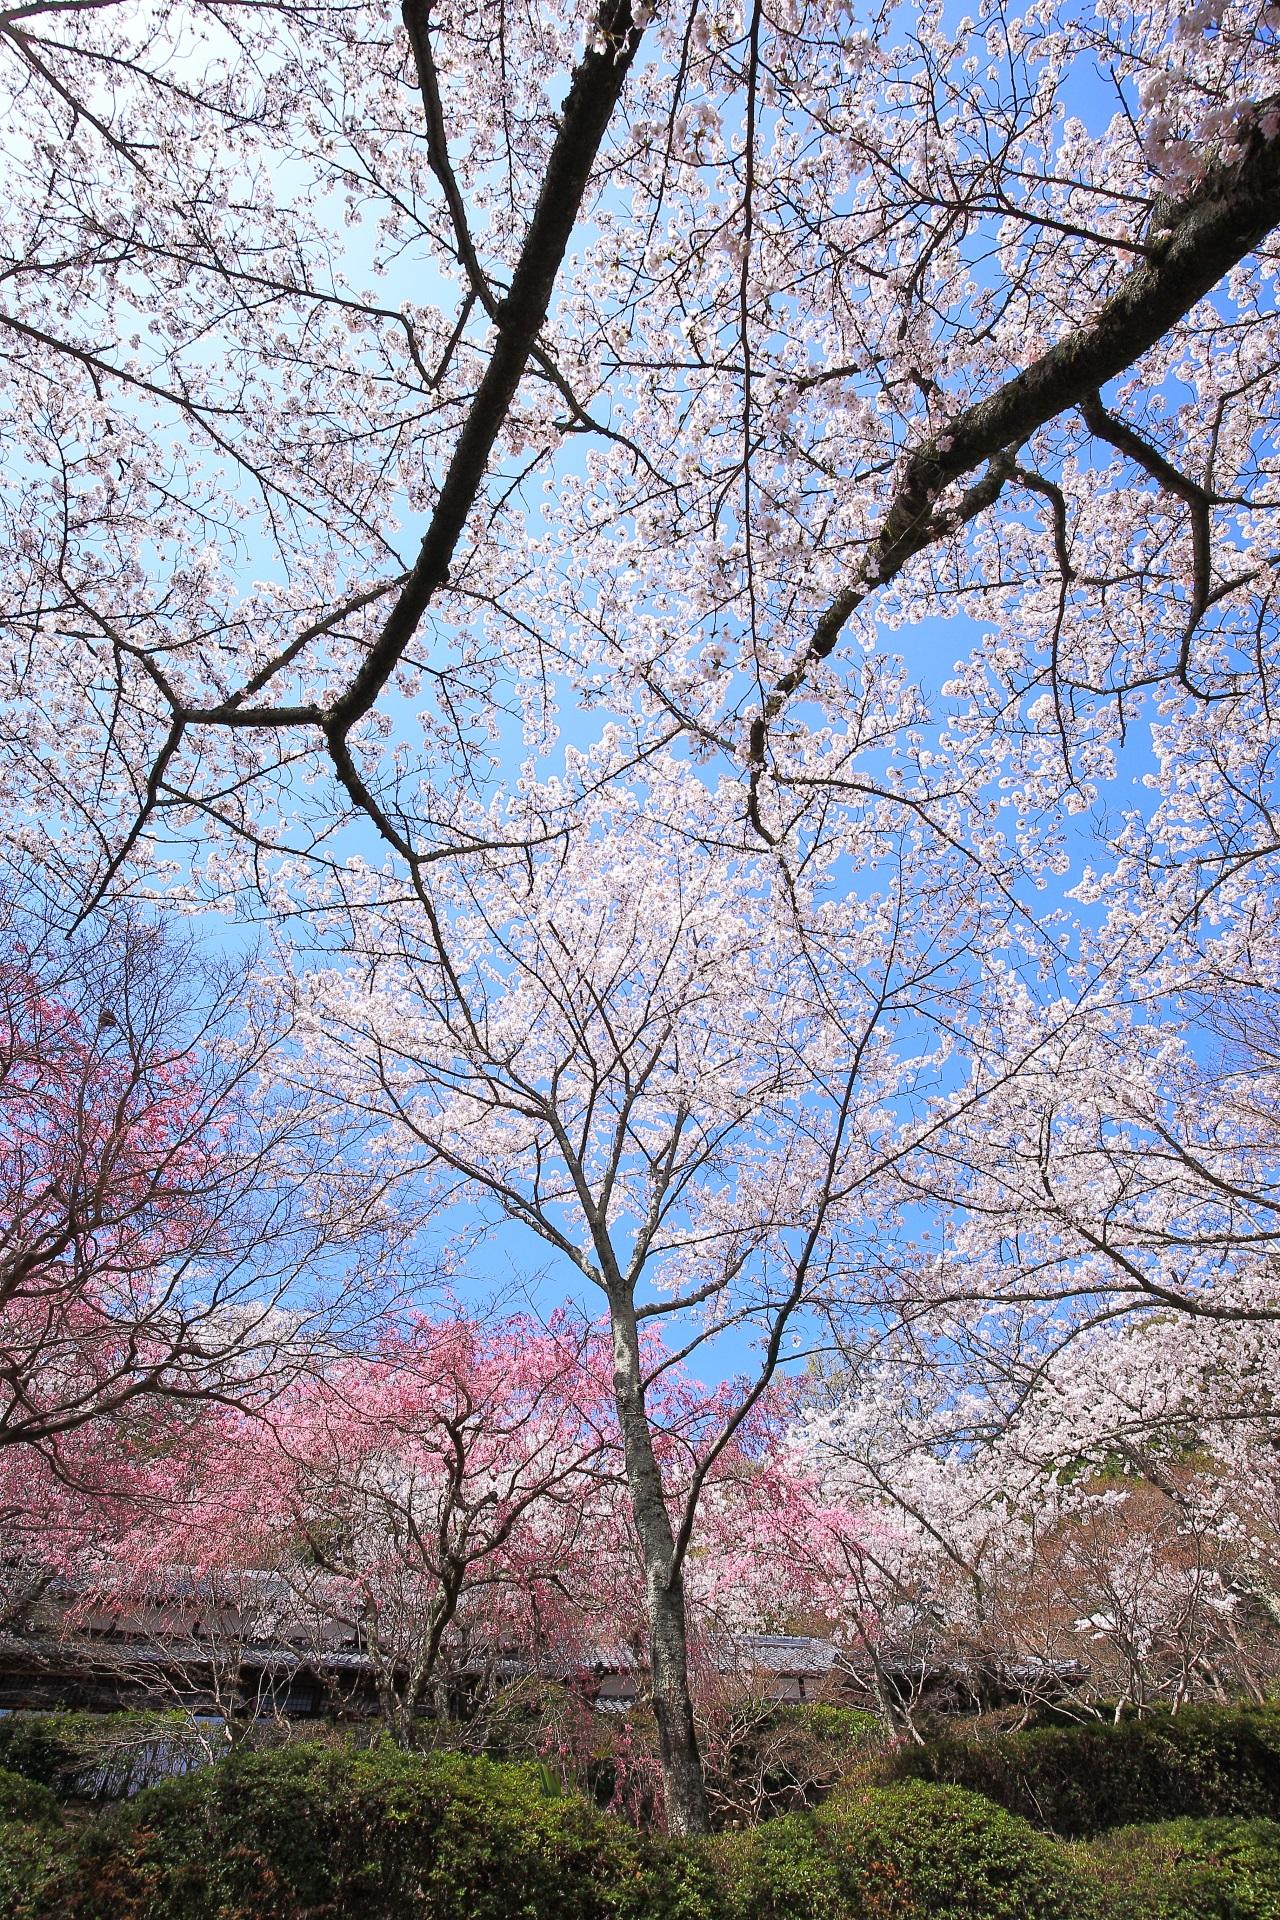 勝持寺の青空を彩る白とピンクの桜